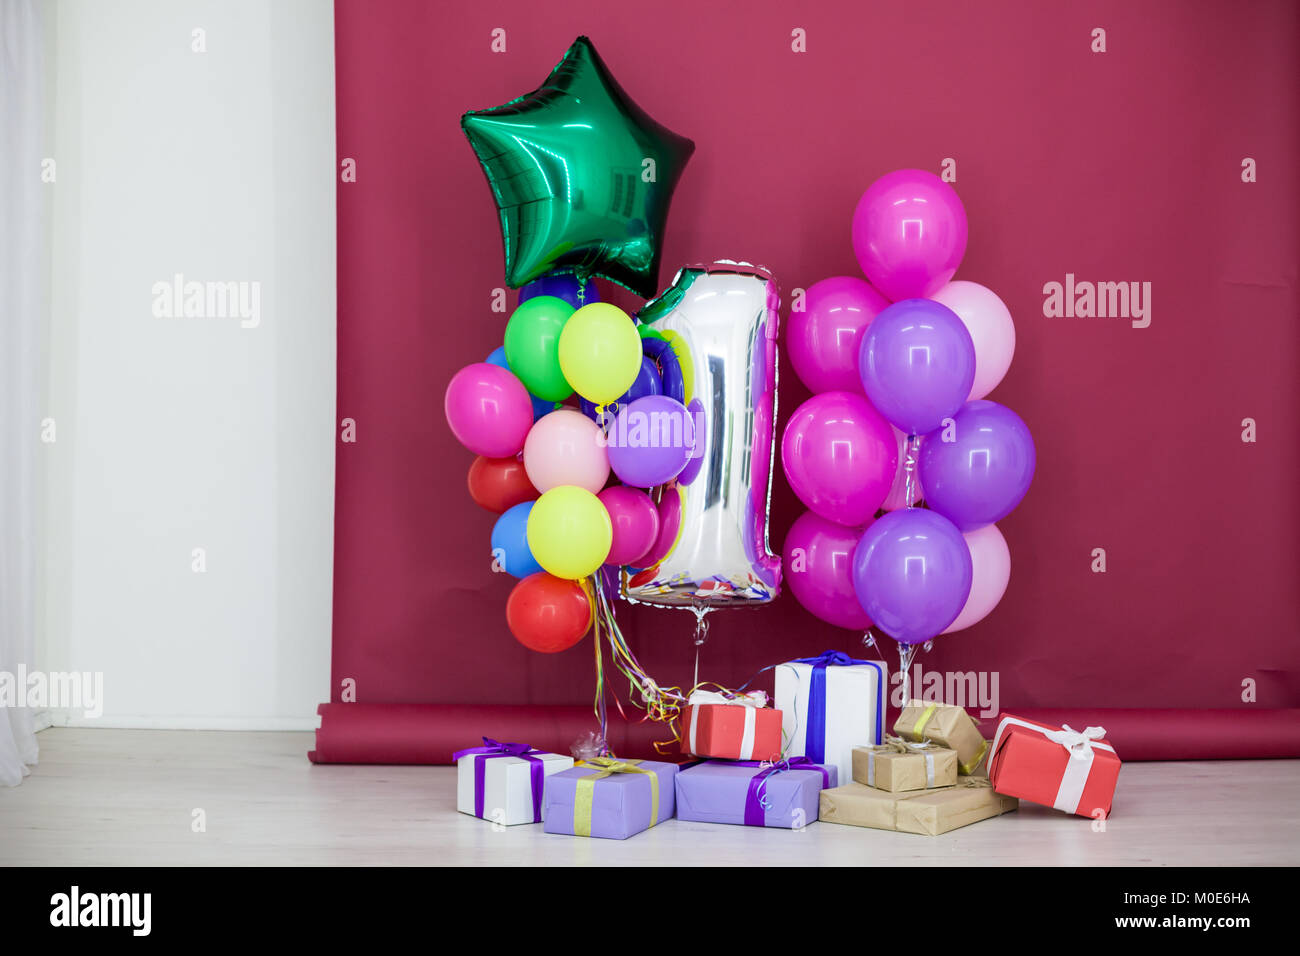 Ballons in verschiedenen Farben mit Geschenke für Geburtstag ...